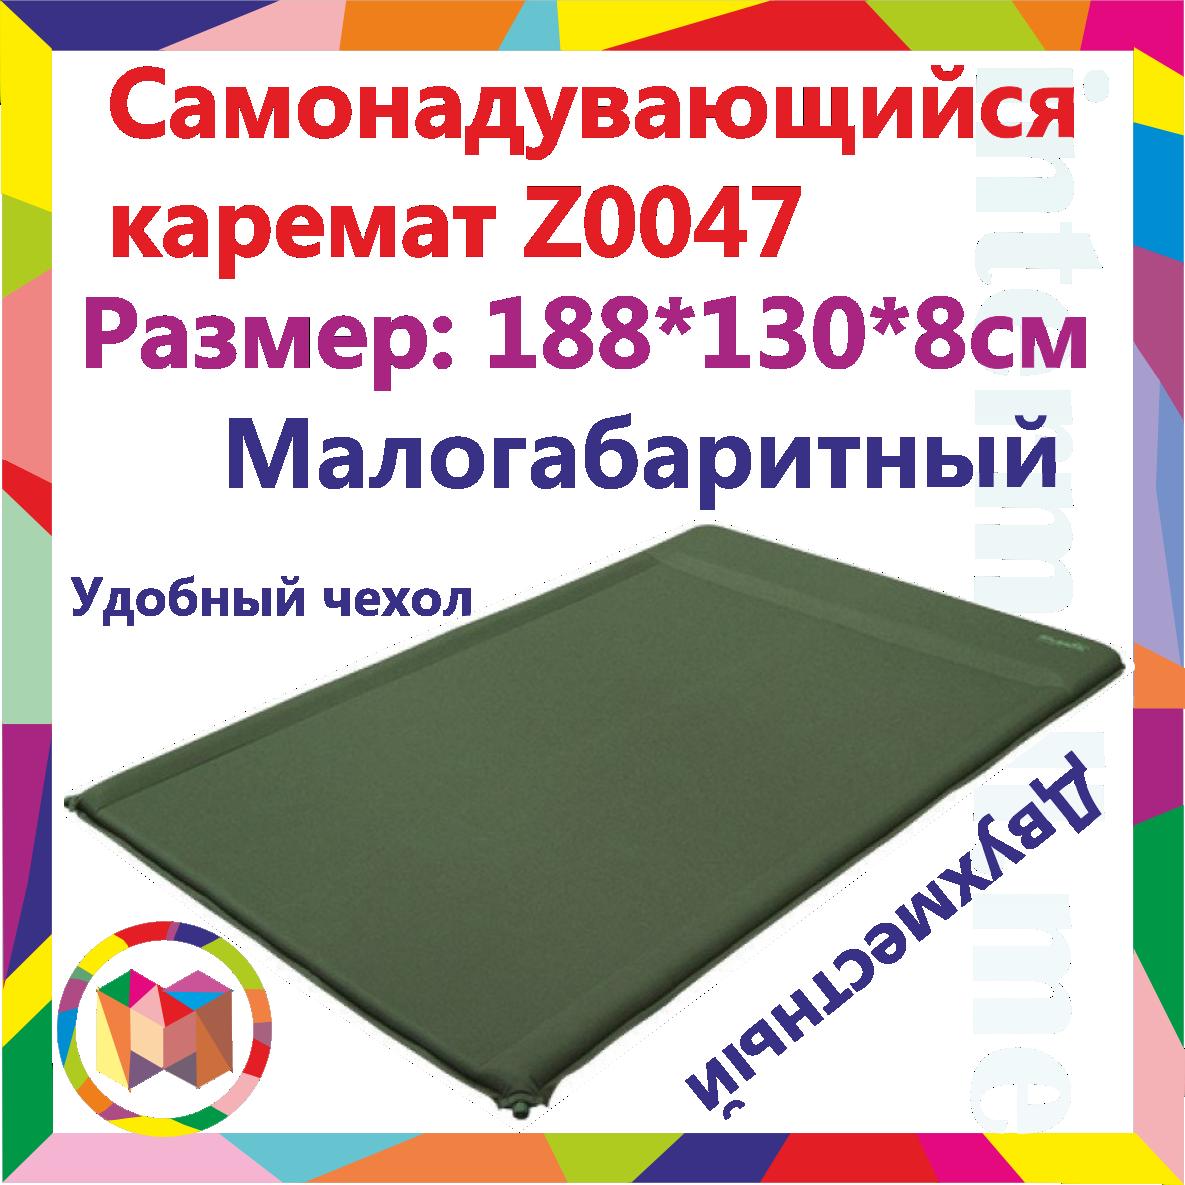 Самонадувающийся каремат, коврик туристический, двухместный 188*130х8 см